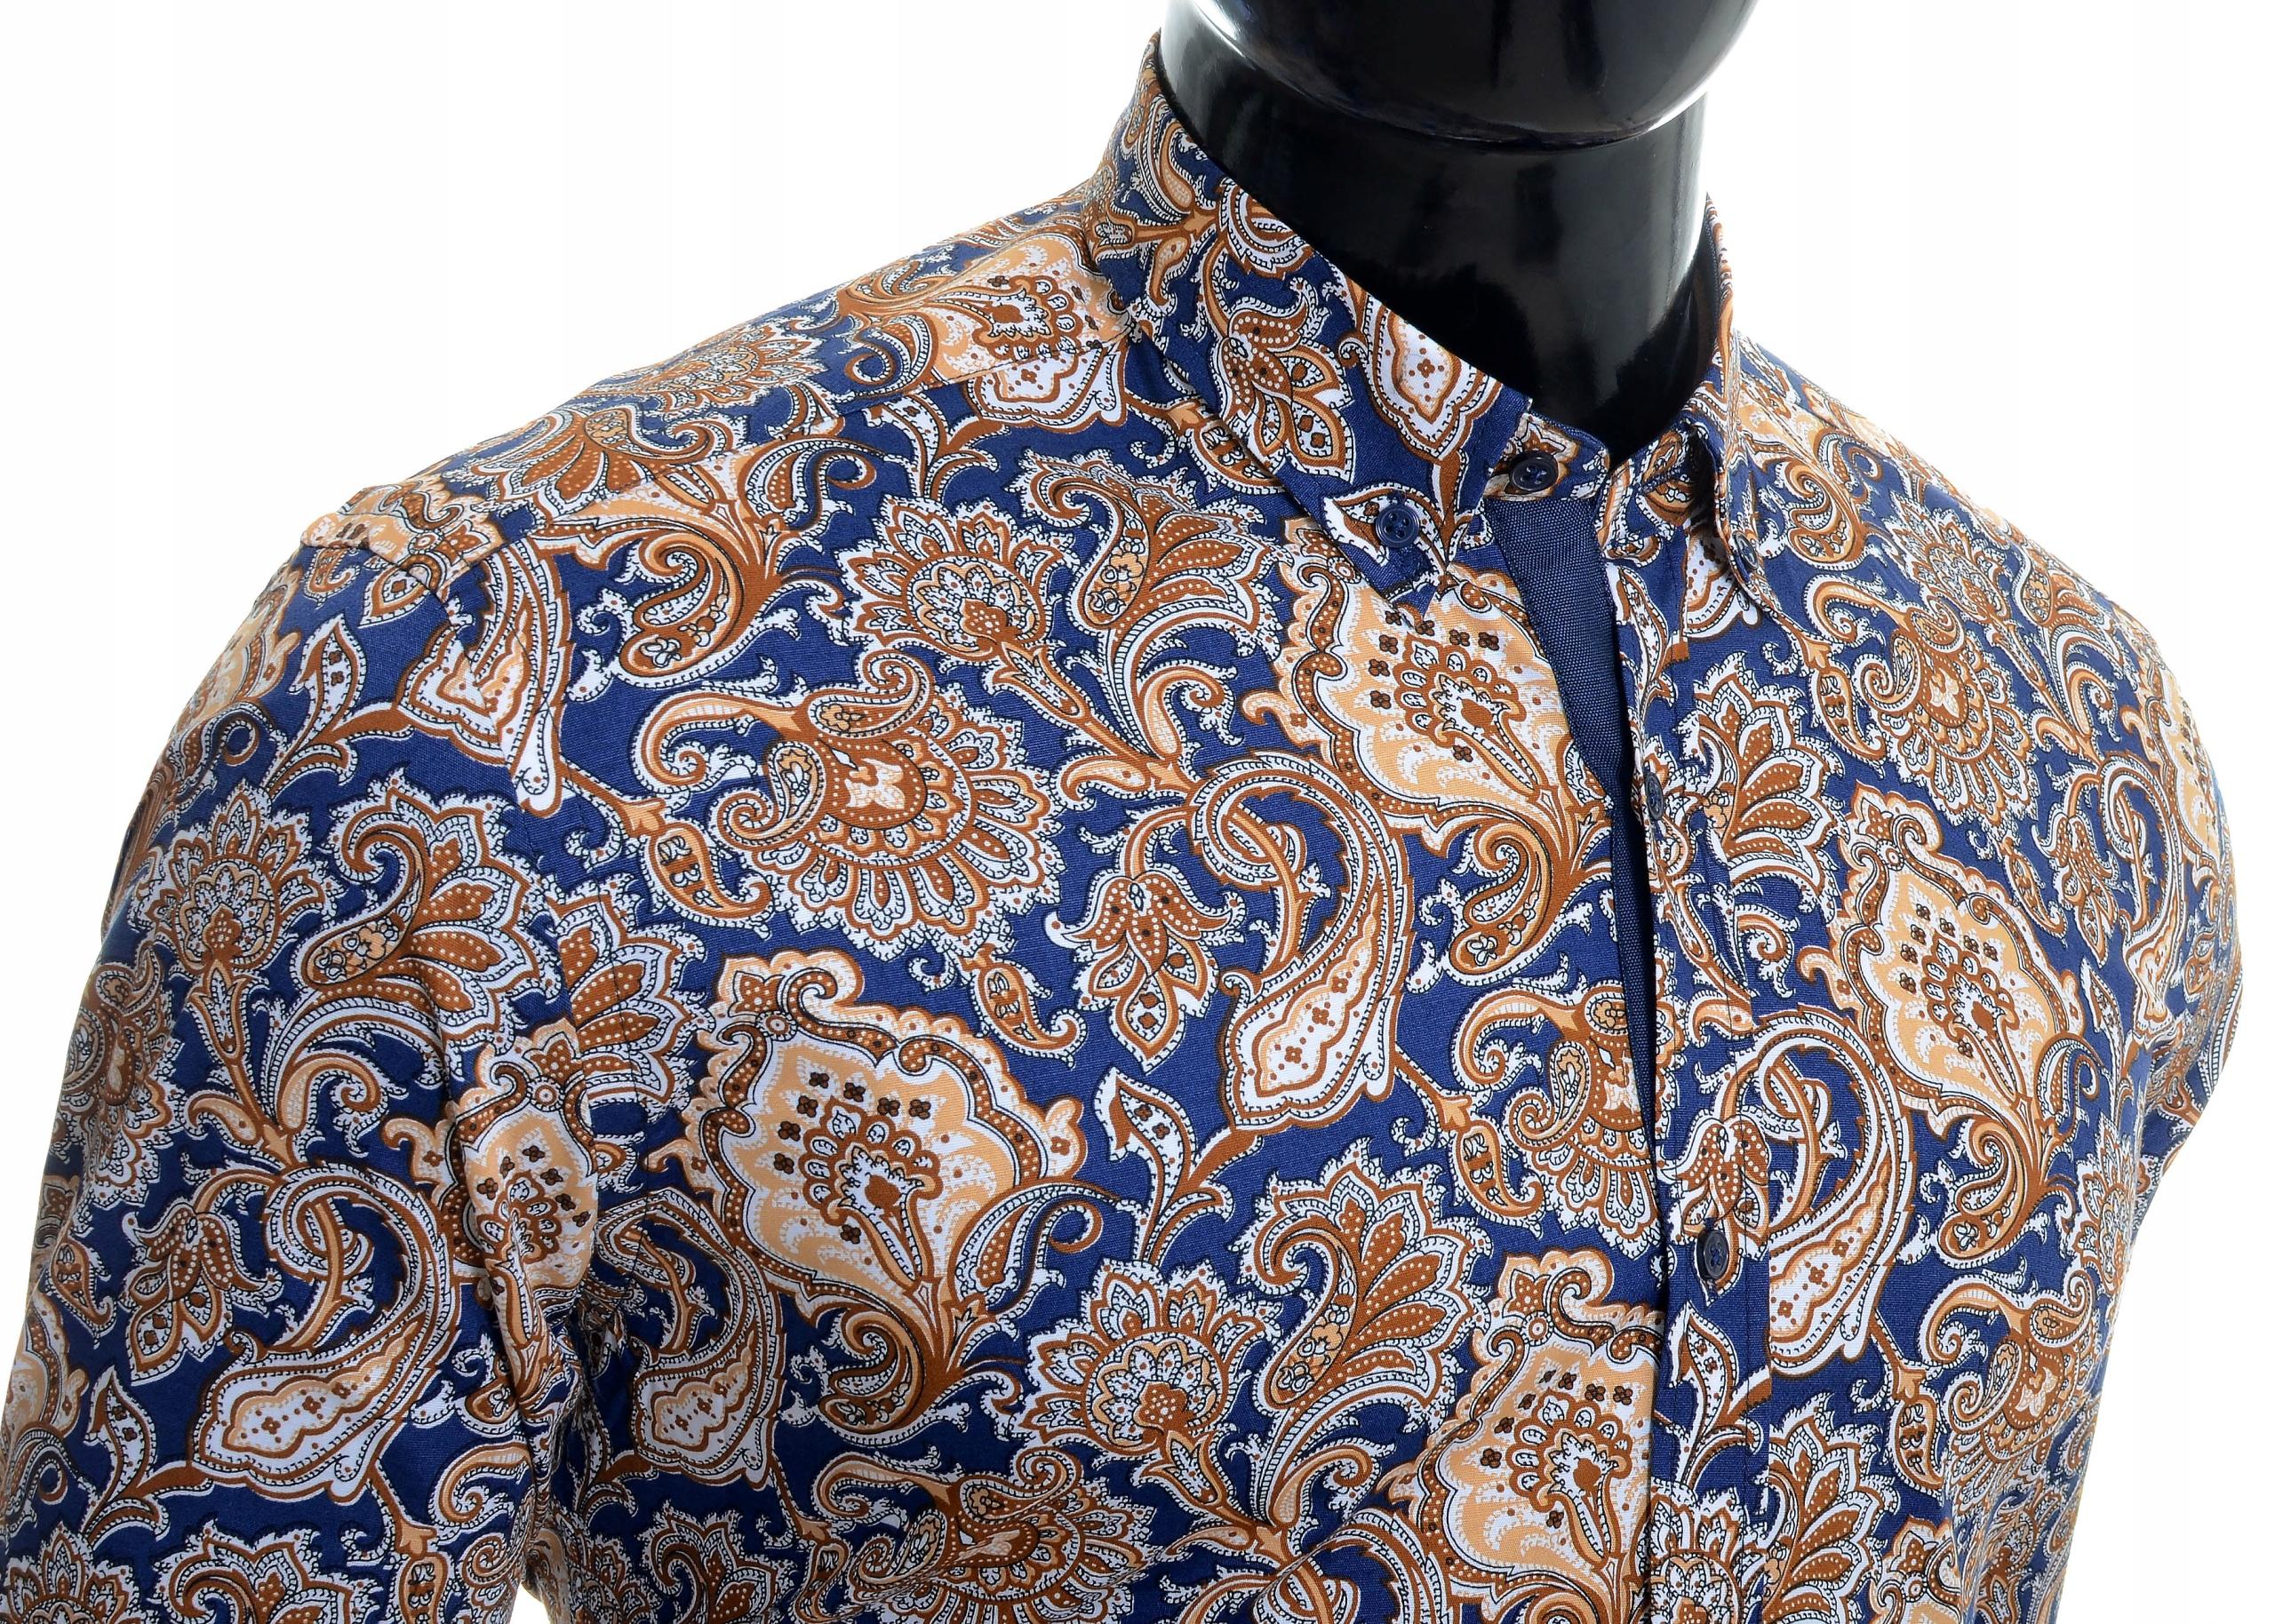 Koszula Męska Cipo Baxx Casual Elegancka NOWOŚĆ 7801908877  gm3kU